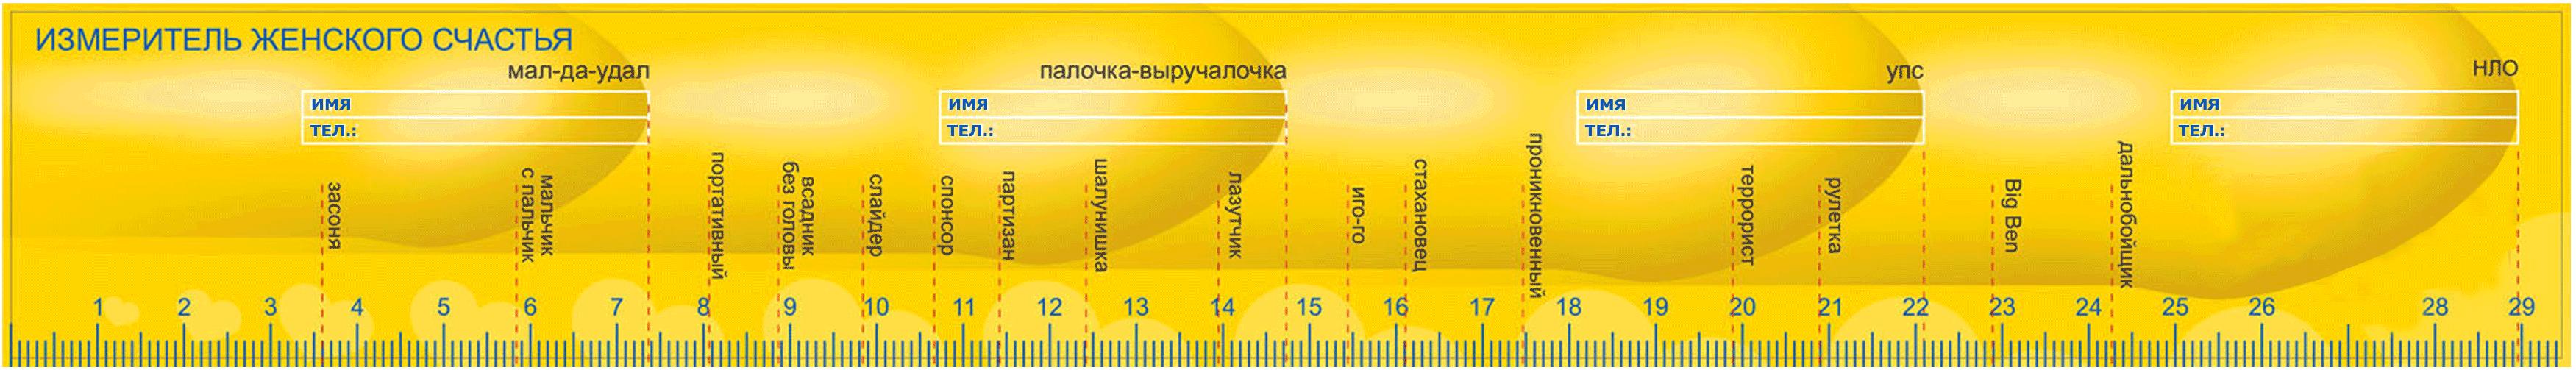 kakaya-srednyaya-dlina-polovogo-chlena